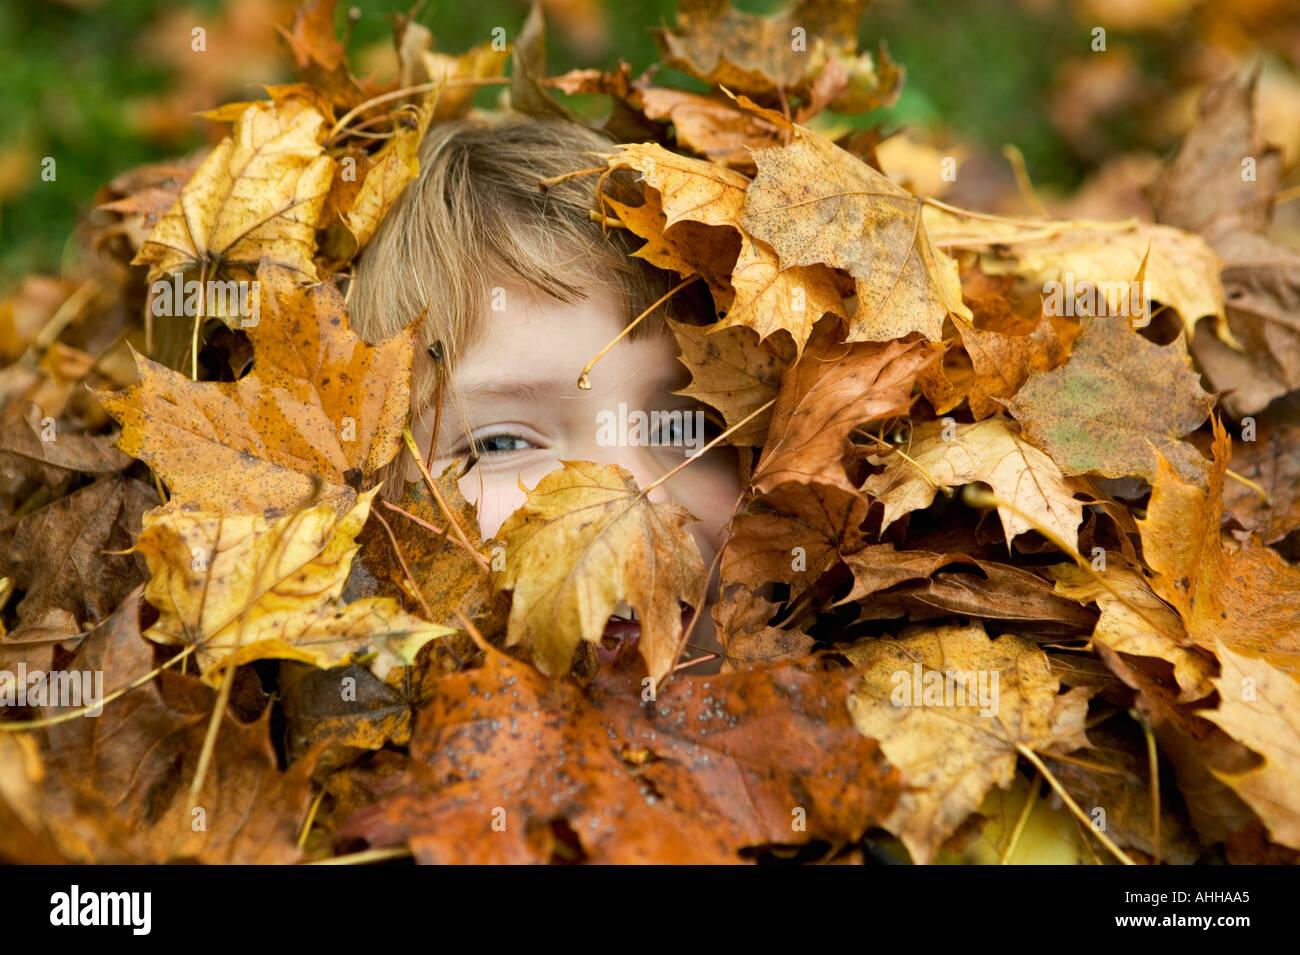 Mädchen 5 spähen durch einen Stapel Blätter in die sie begraben liegt, spielen verstecken und suchen Stockfoto